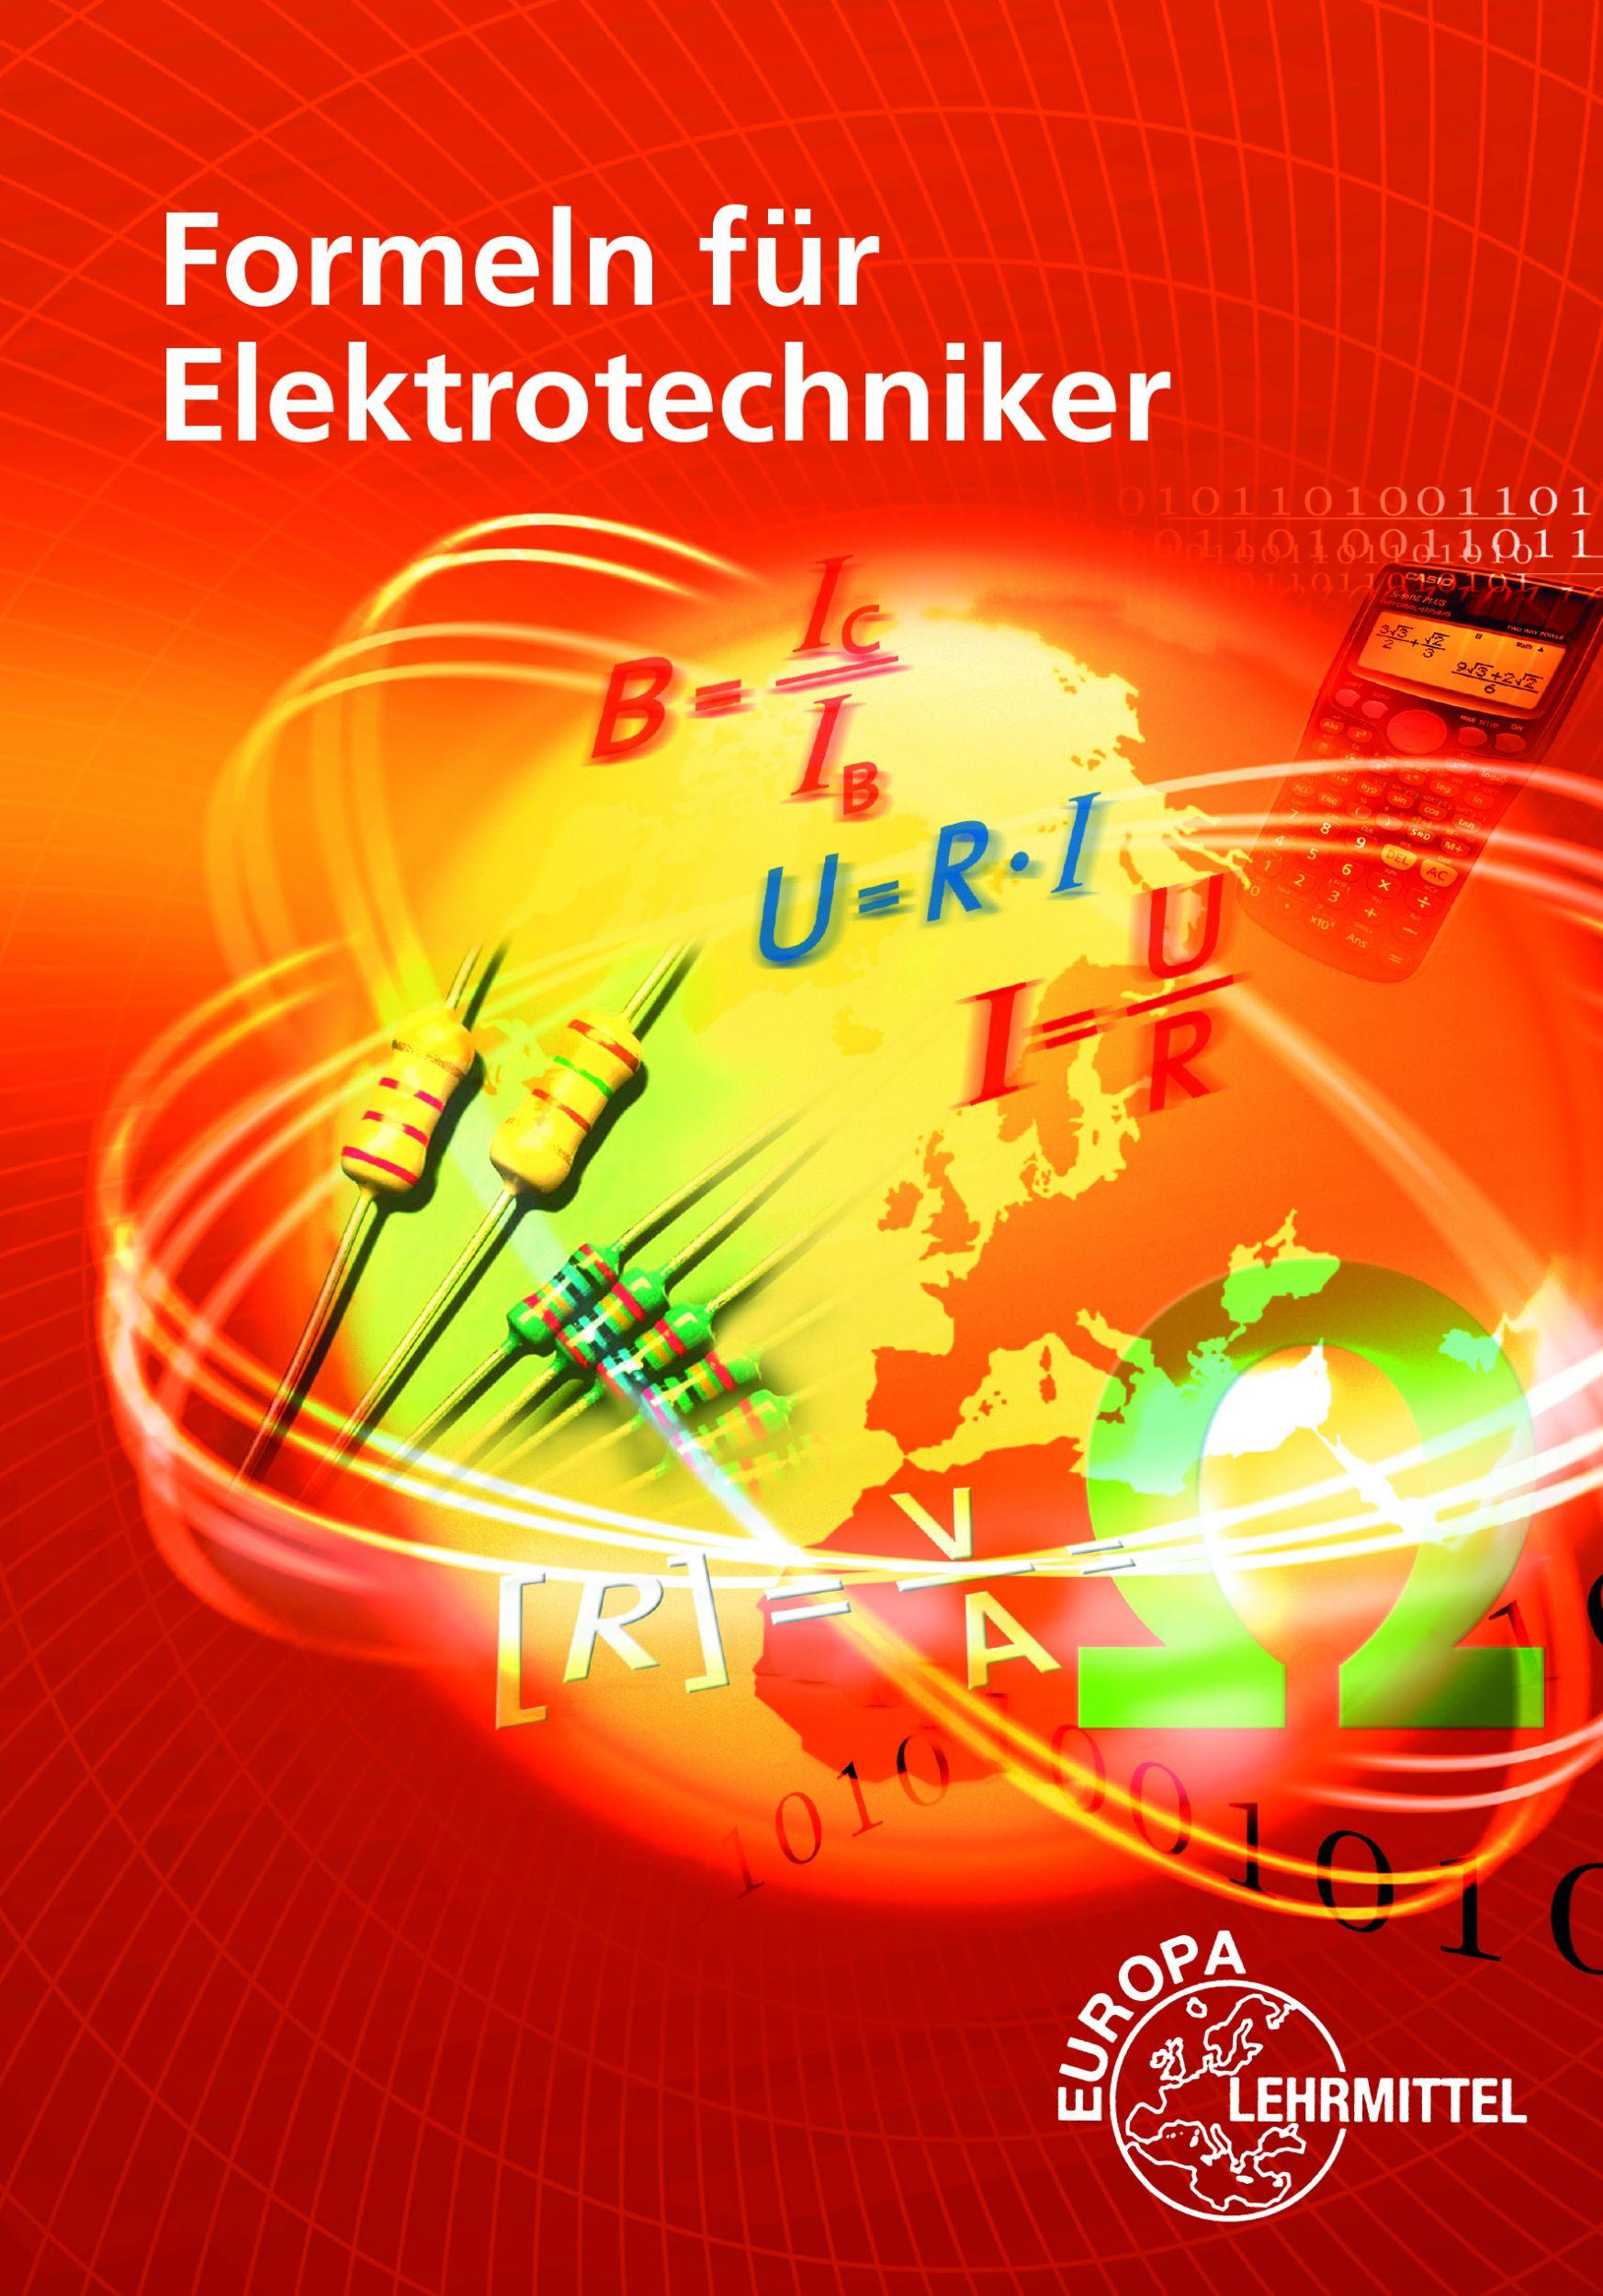 Formeln für Elektrotechniker 2020